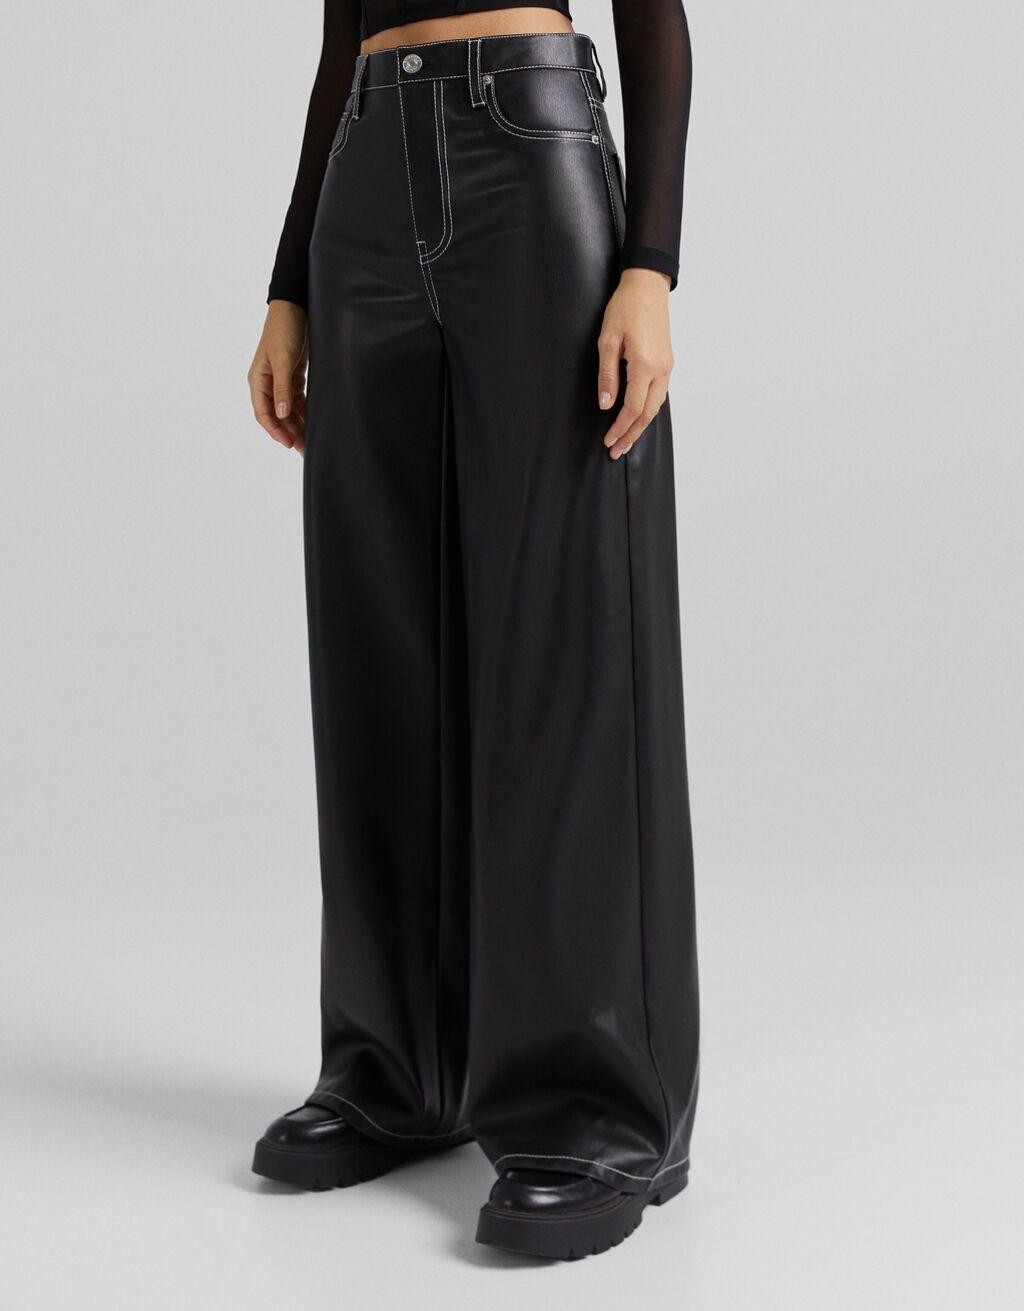 Pantalón wide leg efecto piel contraste